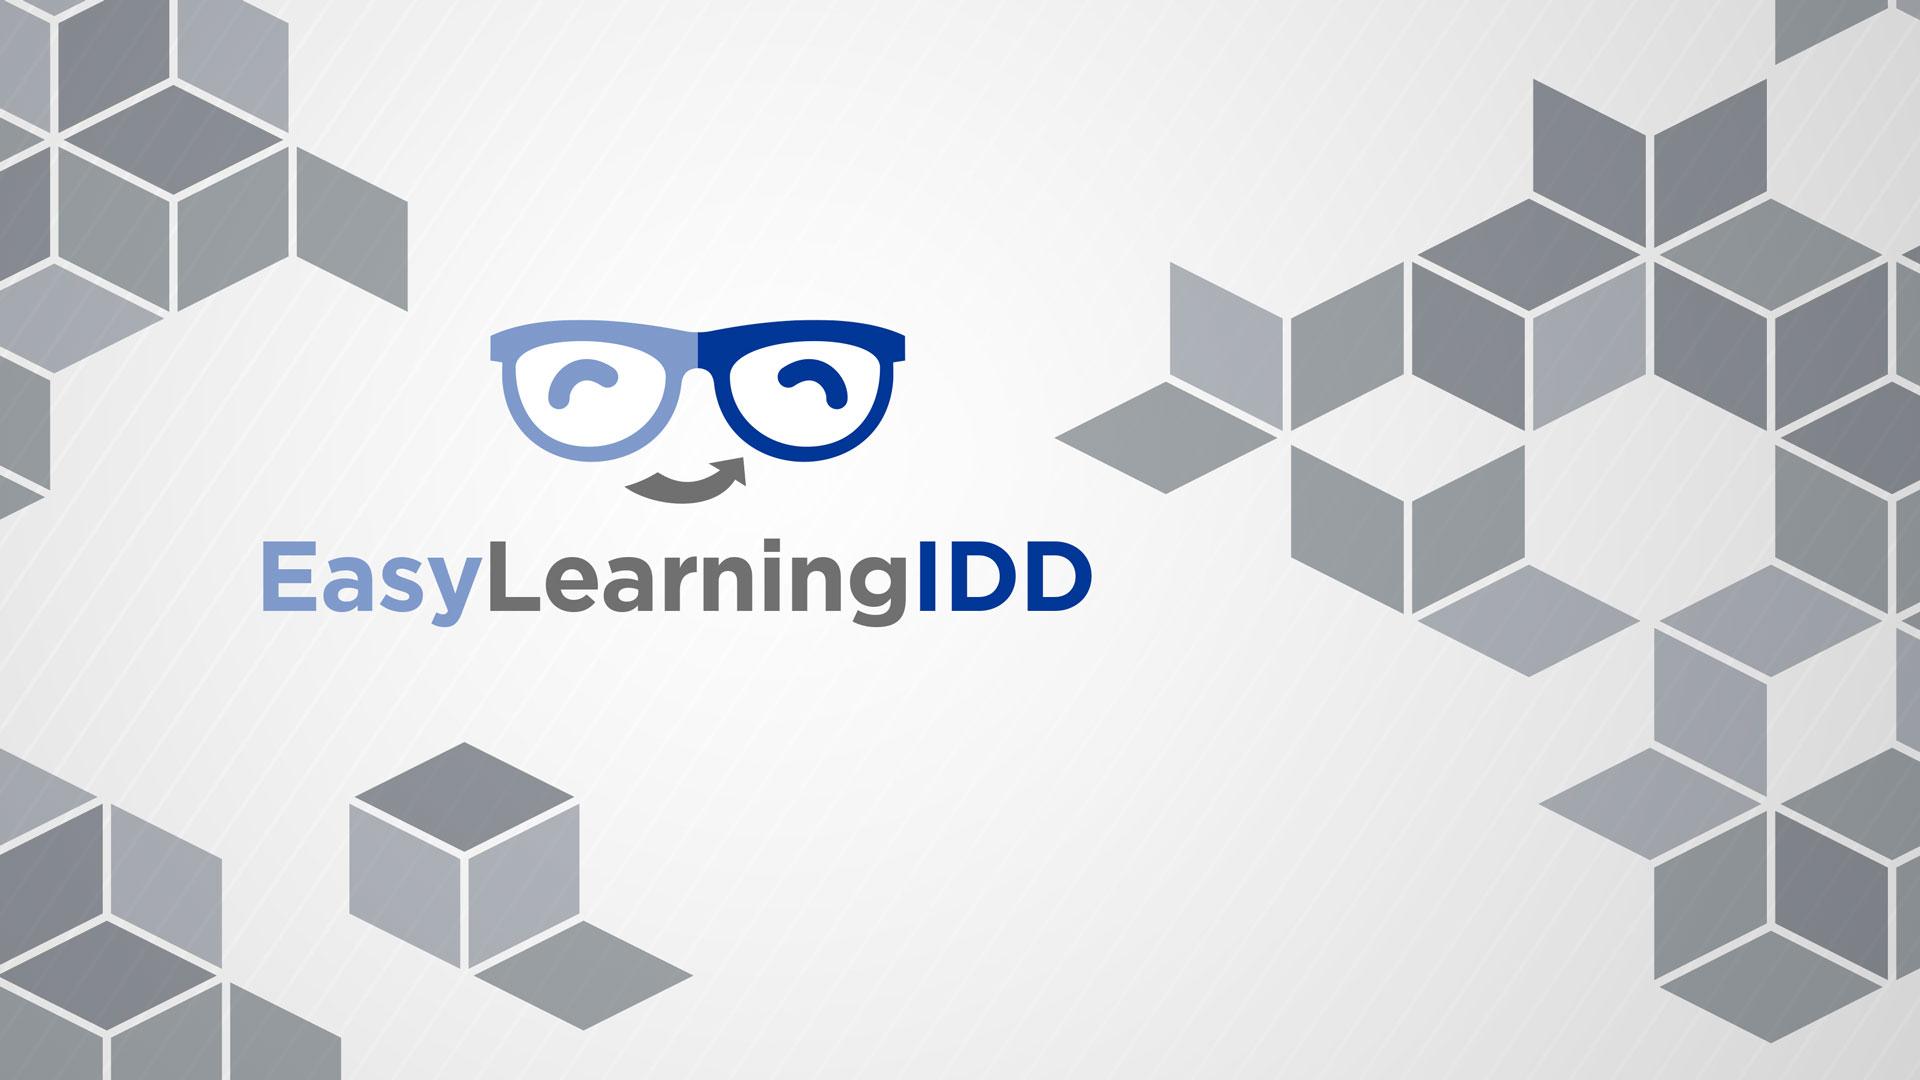 Easy Learning IDD mit individuellen Bildungszeit-Abos